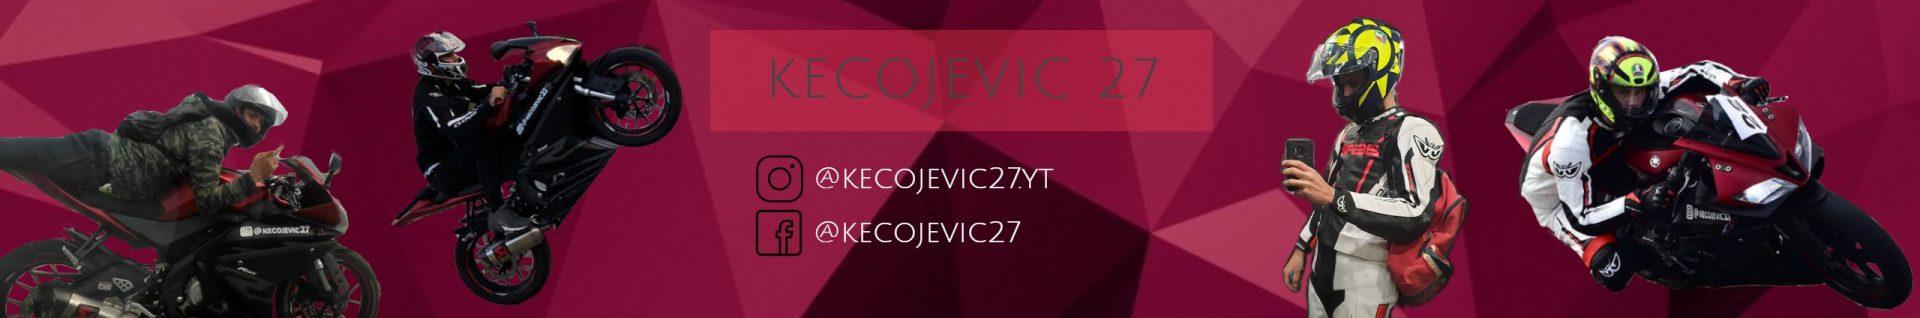 kecojevic27